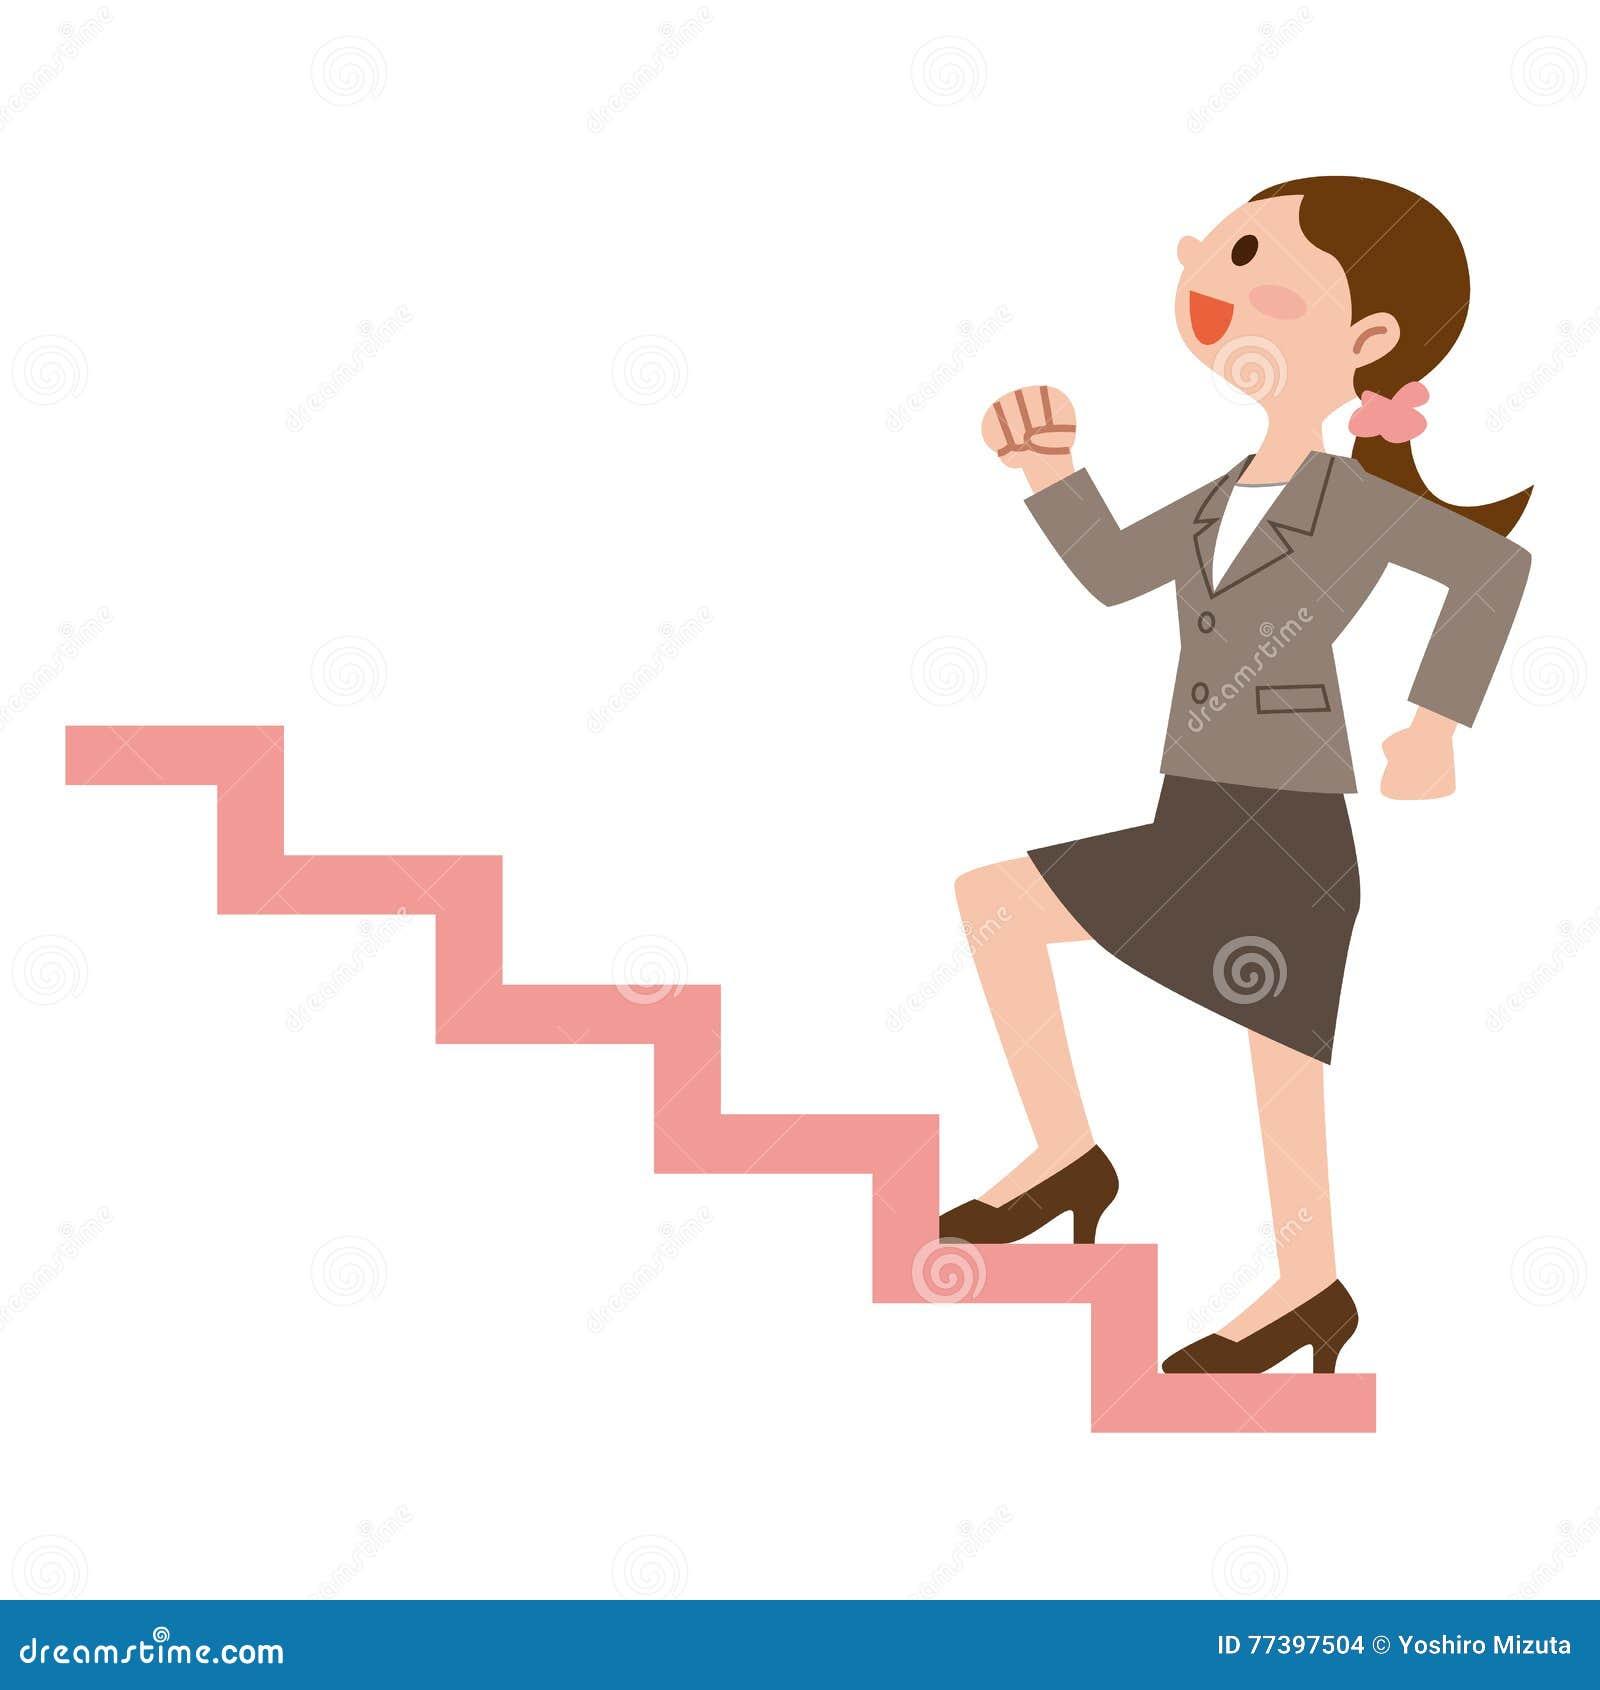 femme d 39 affaires pour monter les escaliers illustration de vecteur illustration du carri re. Black Bedroom Furniture Sets. Home Design Ideas